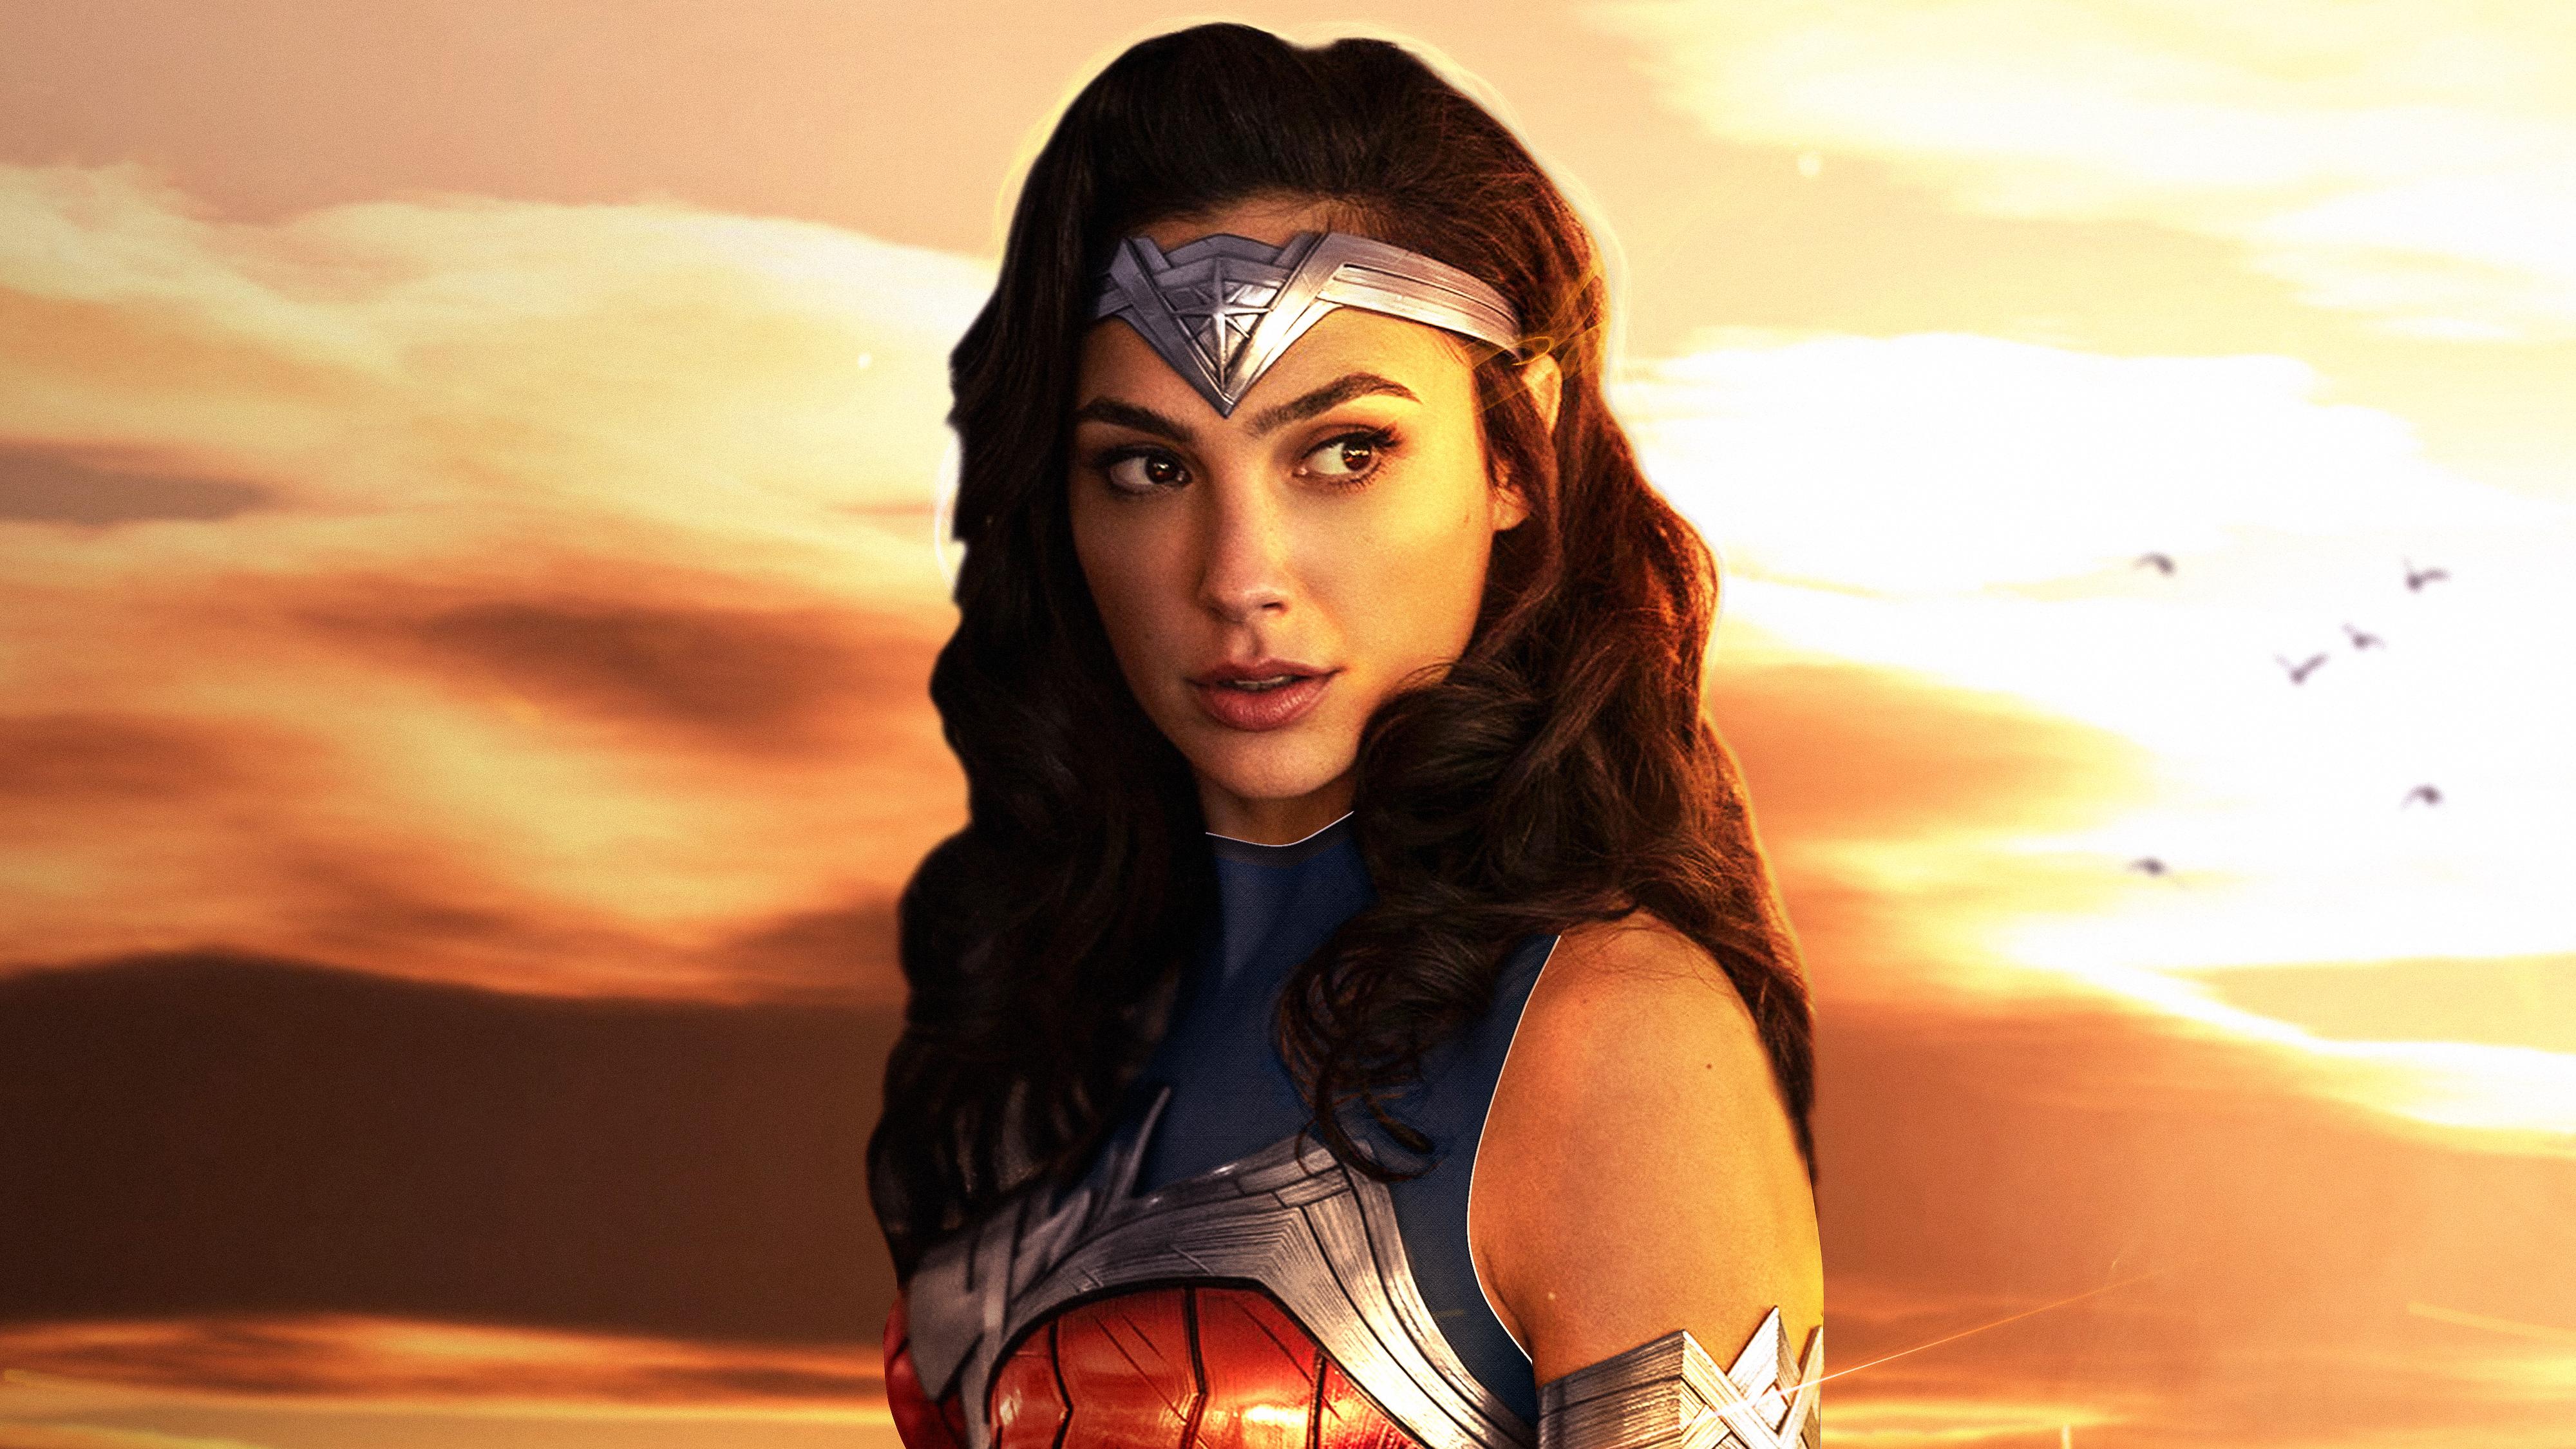 Gal Gadot Wonder Woman New 4k Hd Movies 4k Wallpapers: Wonder Woman 1984 Movie, HD Movies, 4k Wallpapers, Images